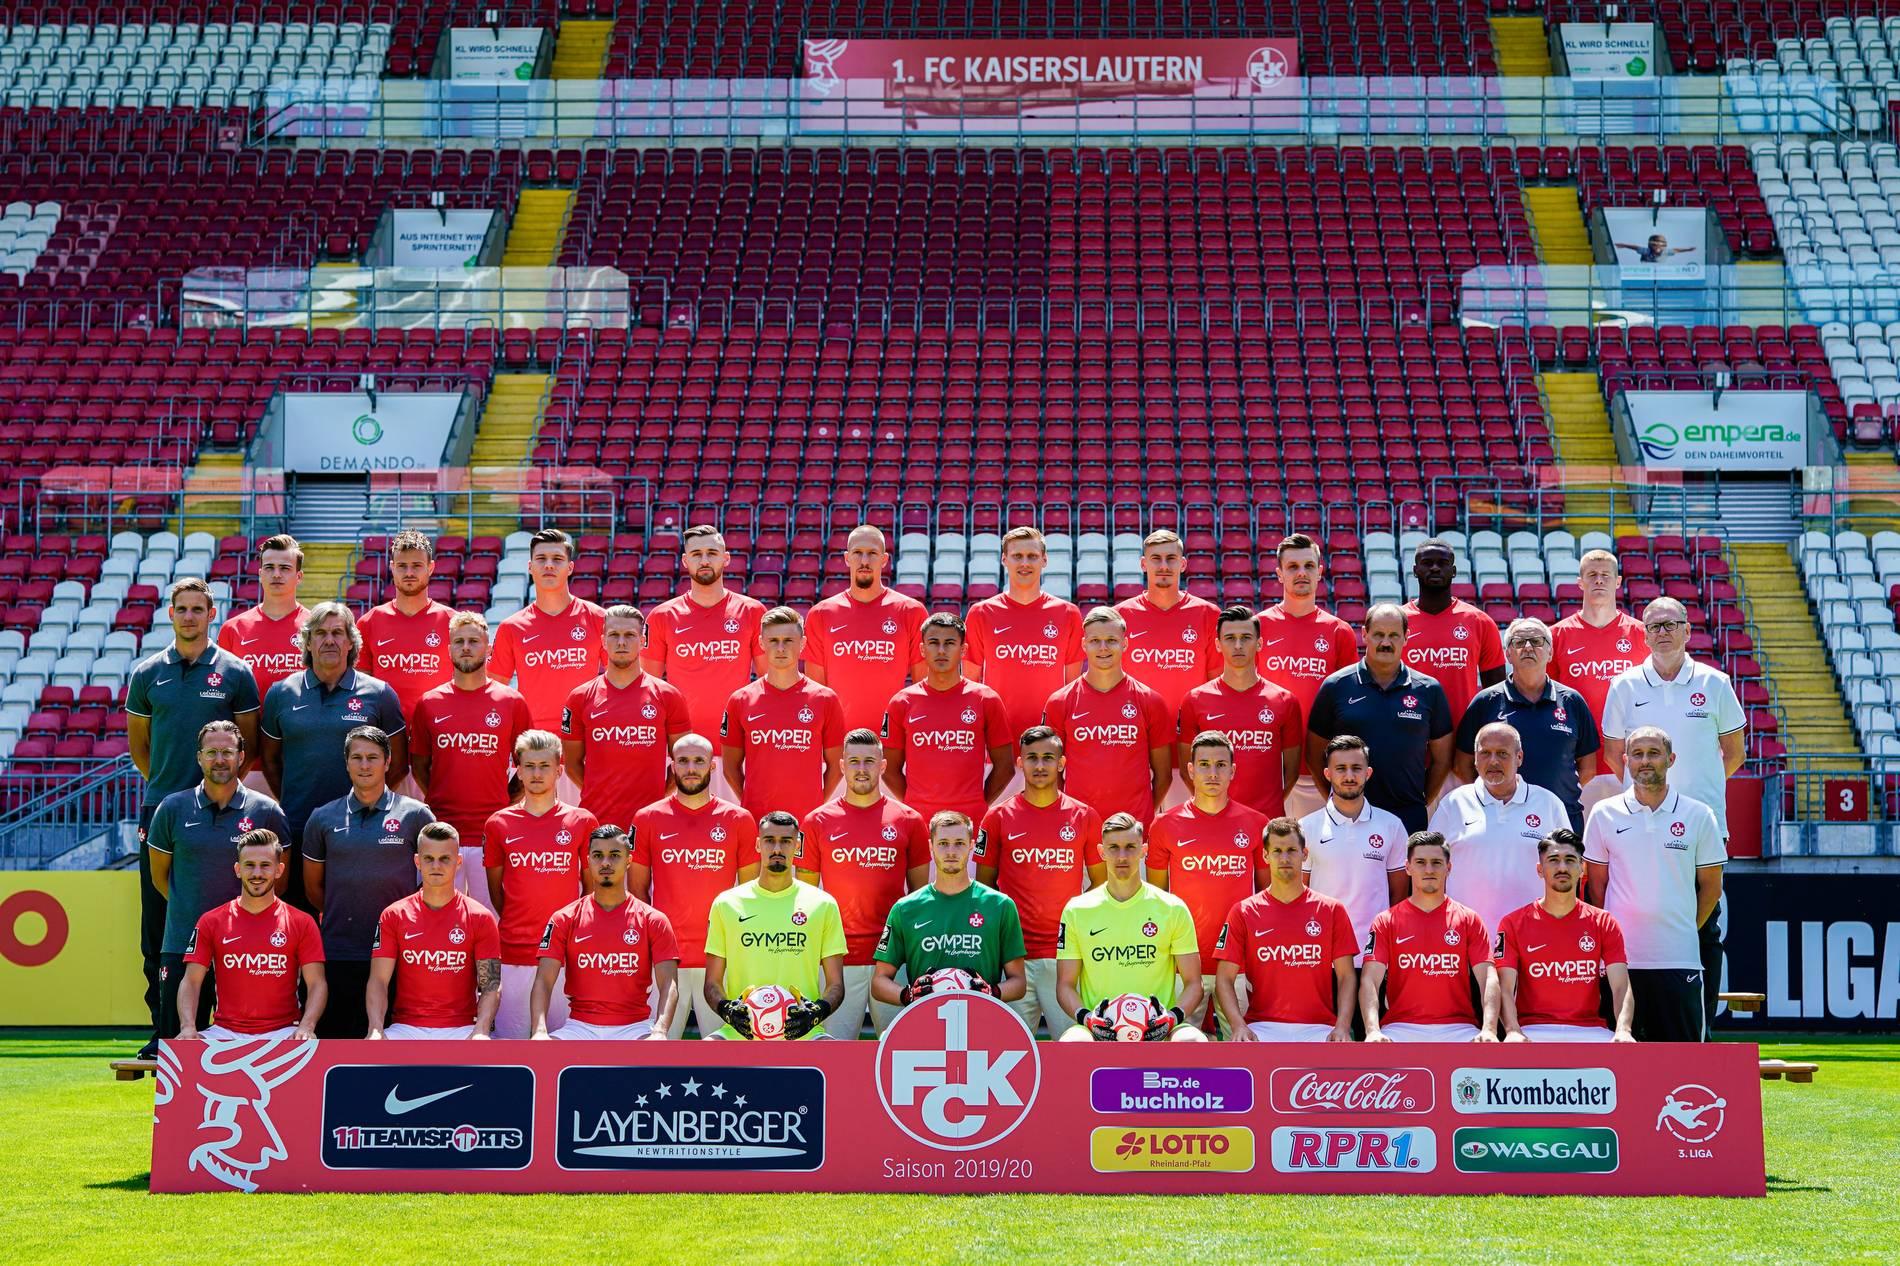 Kaiserslautern Champions League